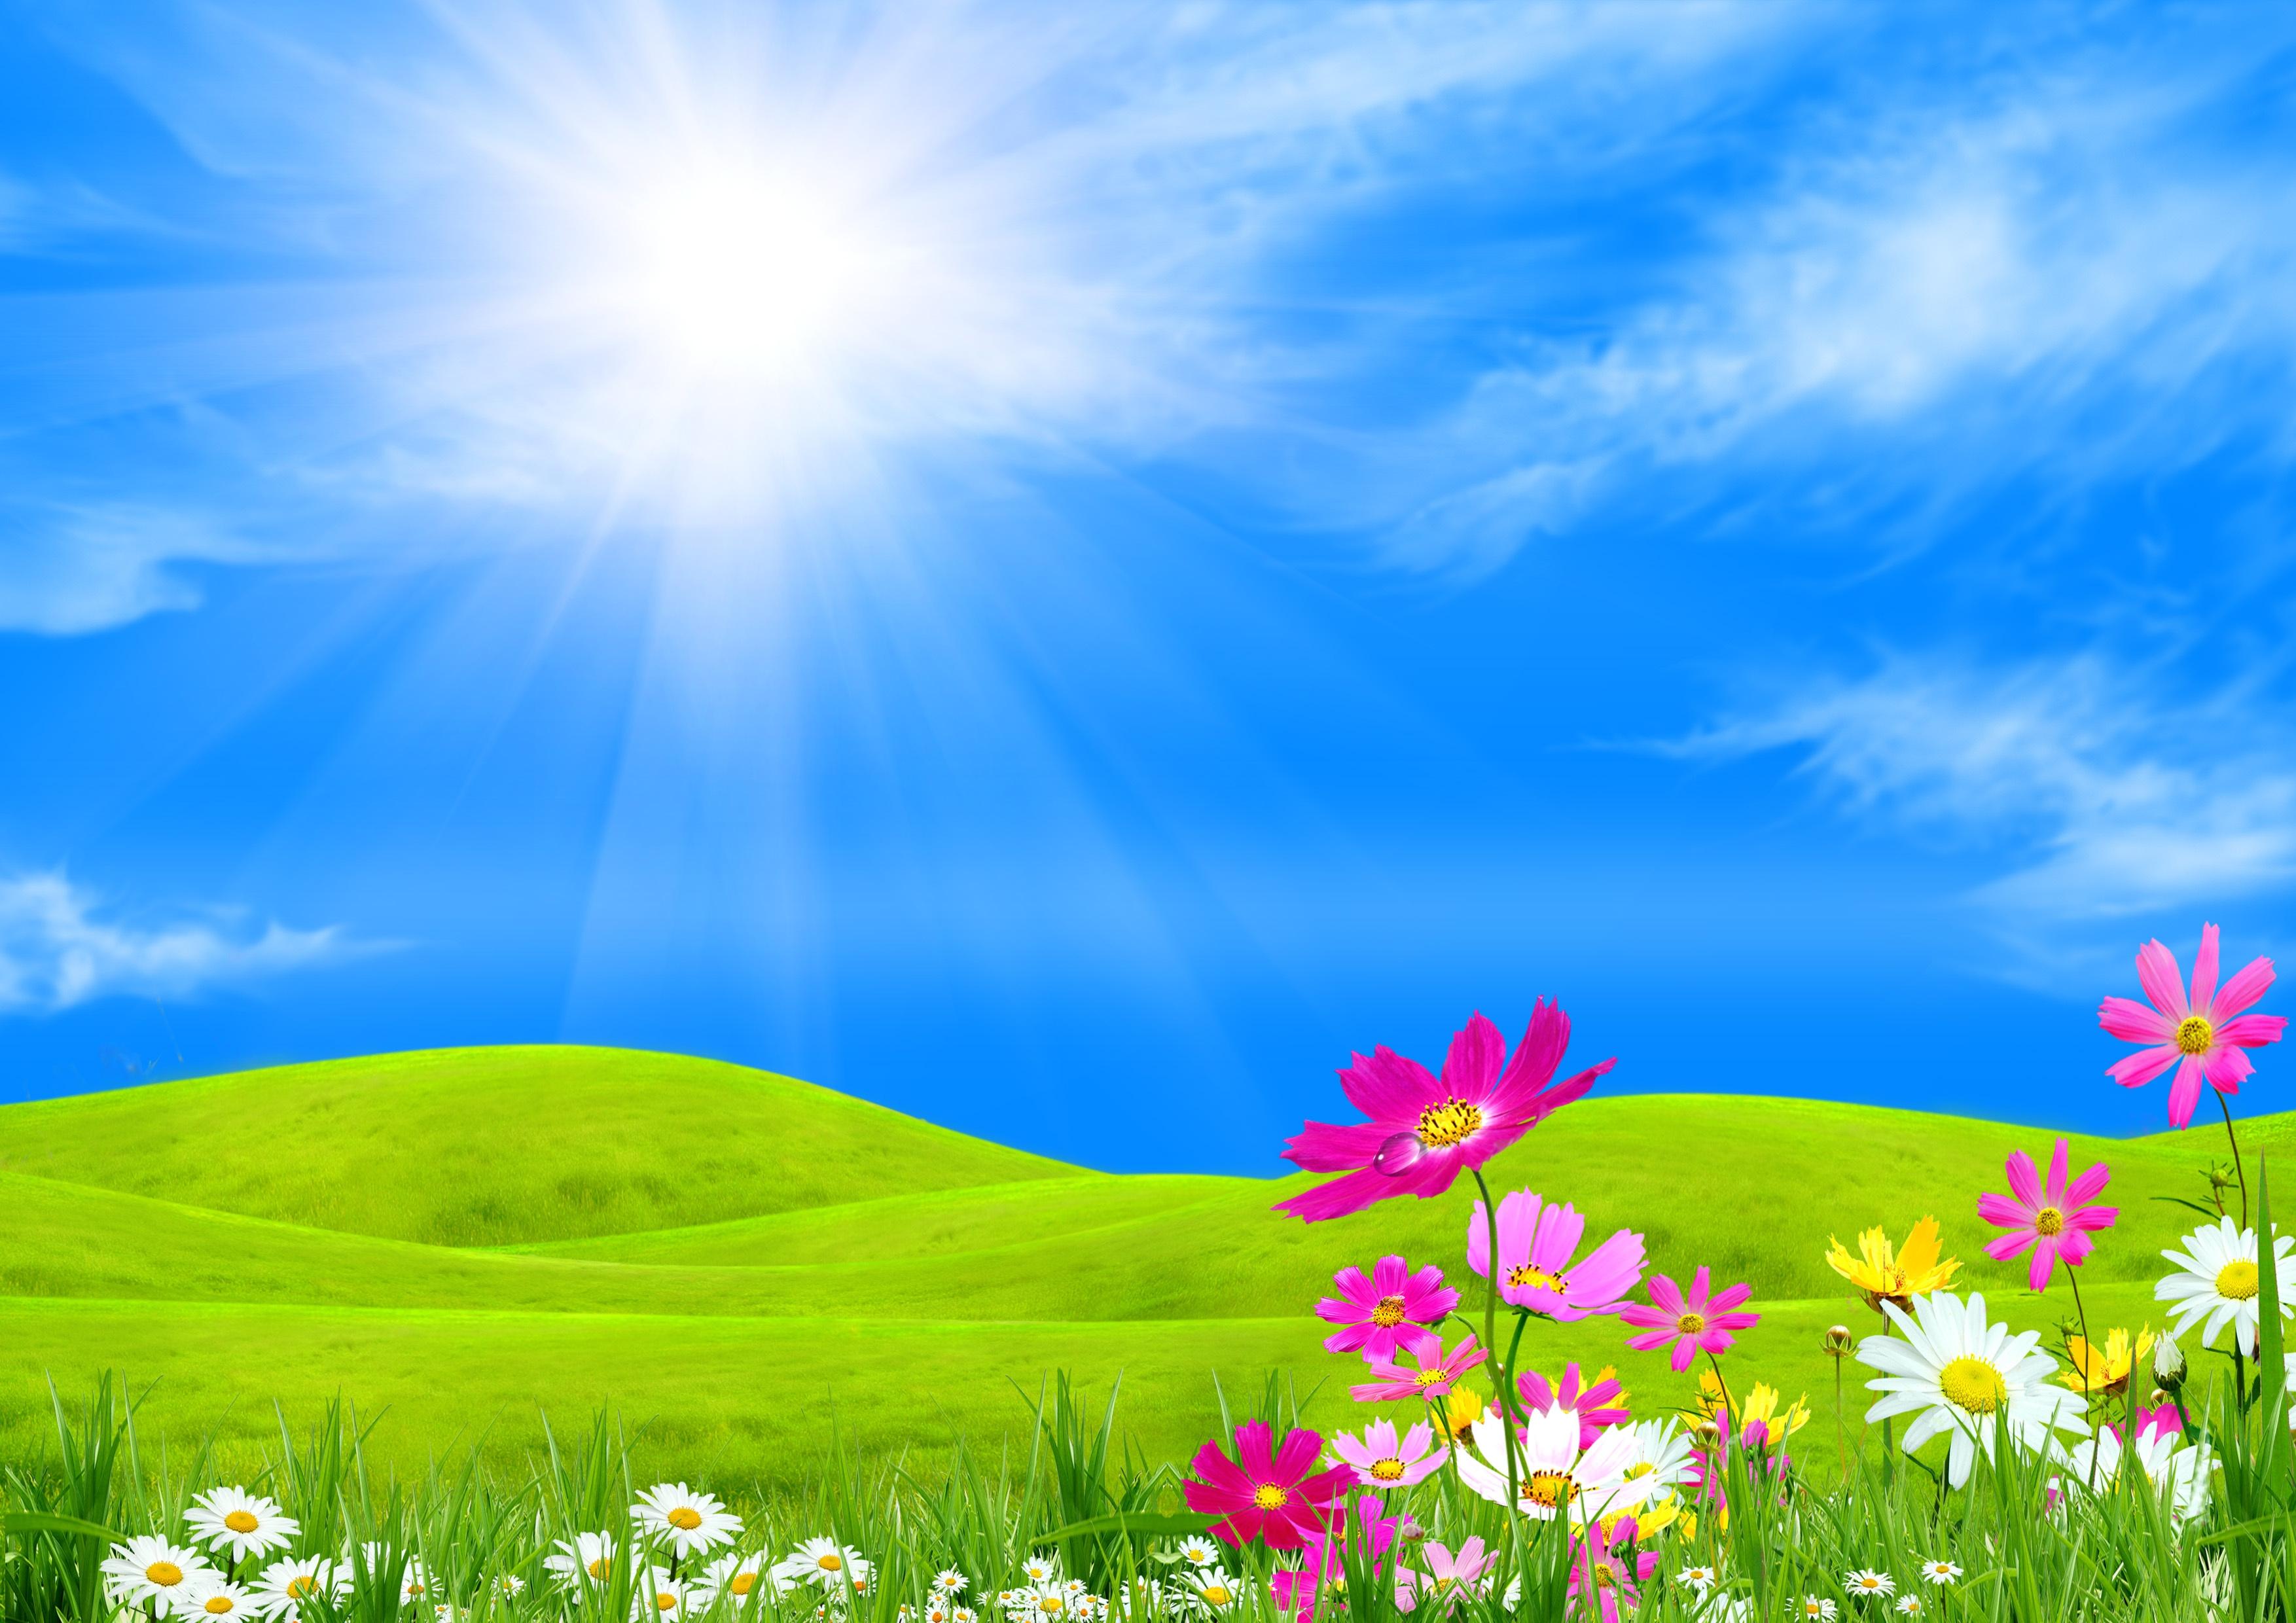 Free Spring Background Images - WallpaperSafari